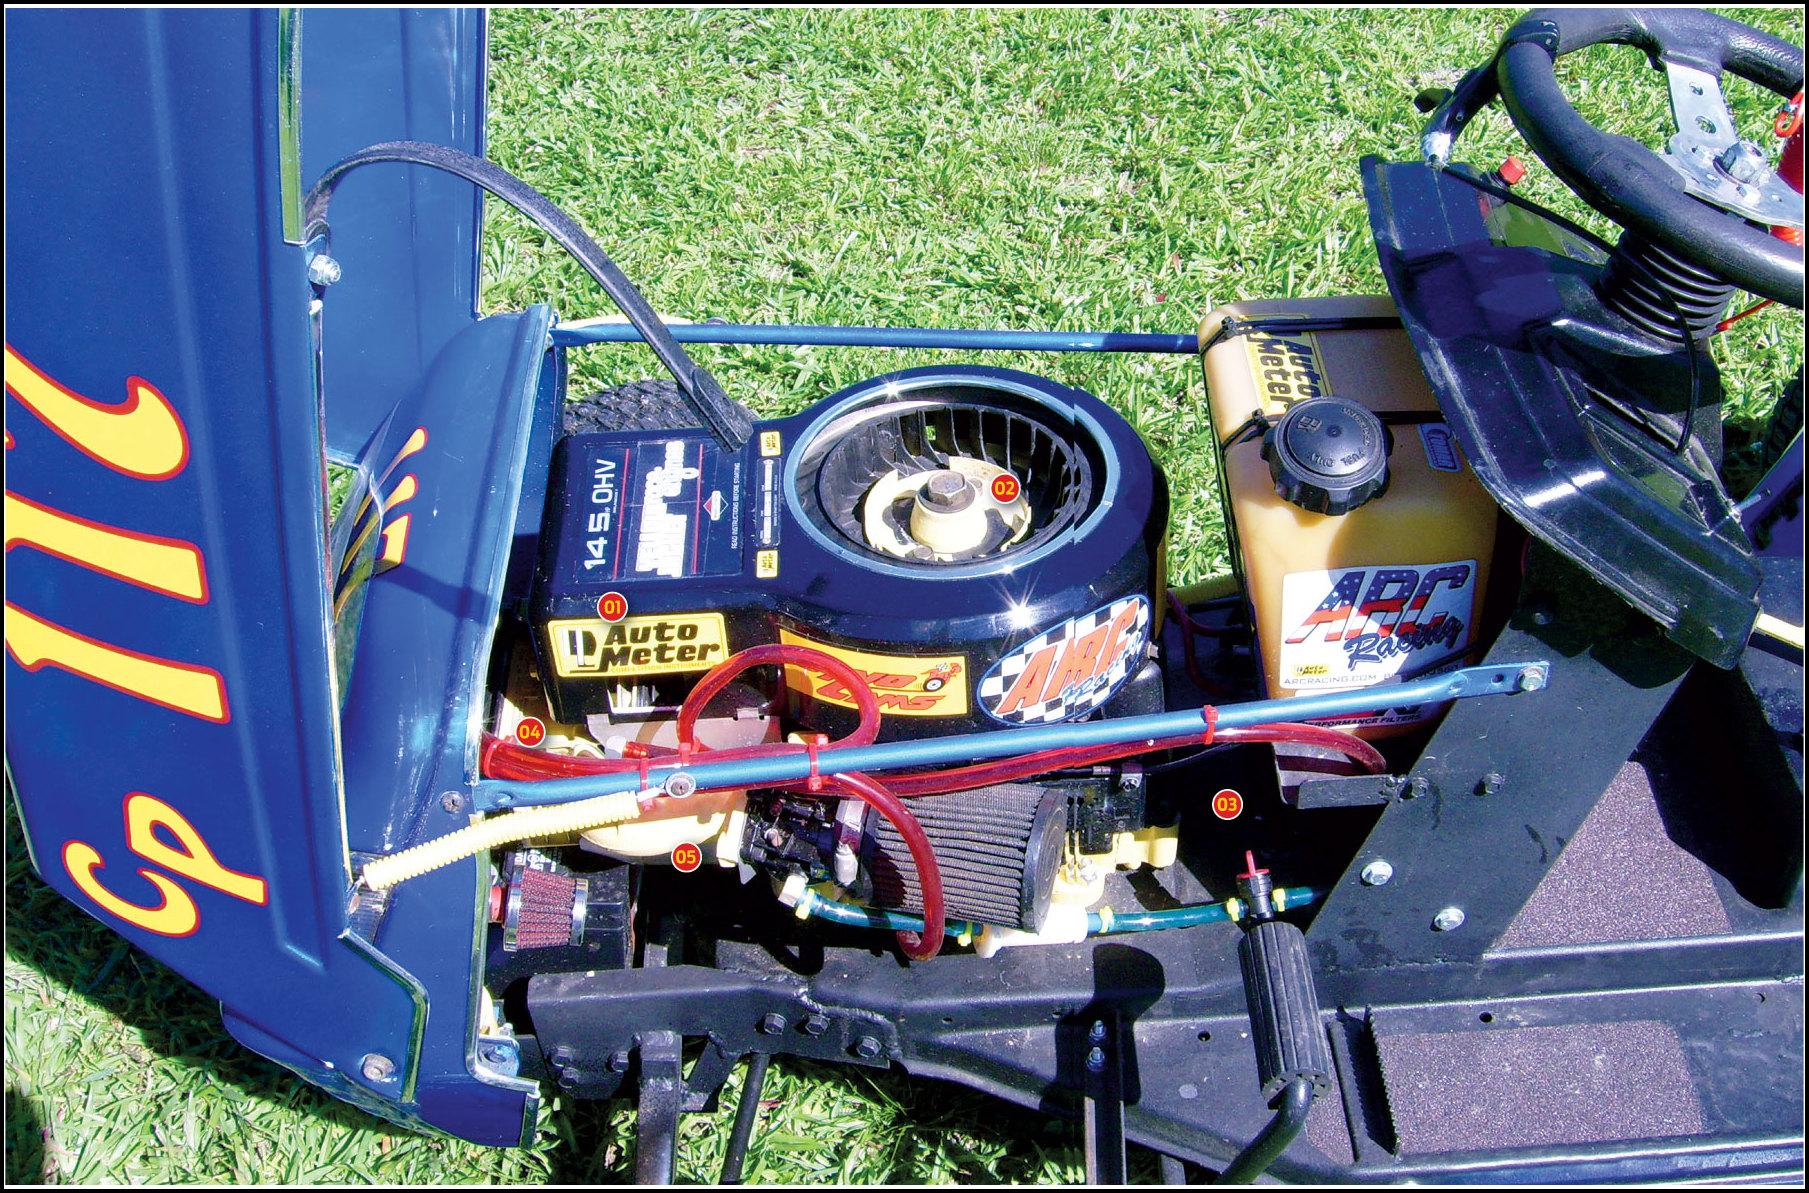 Lawn Mower Racing Engines